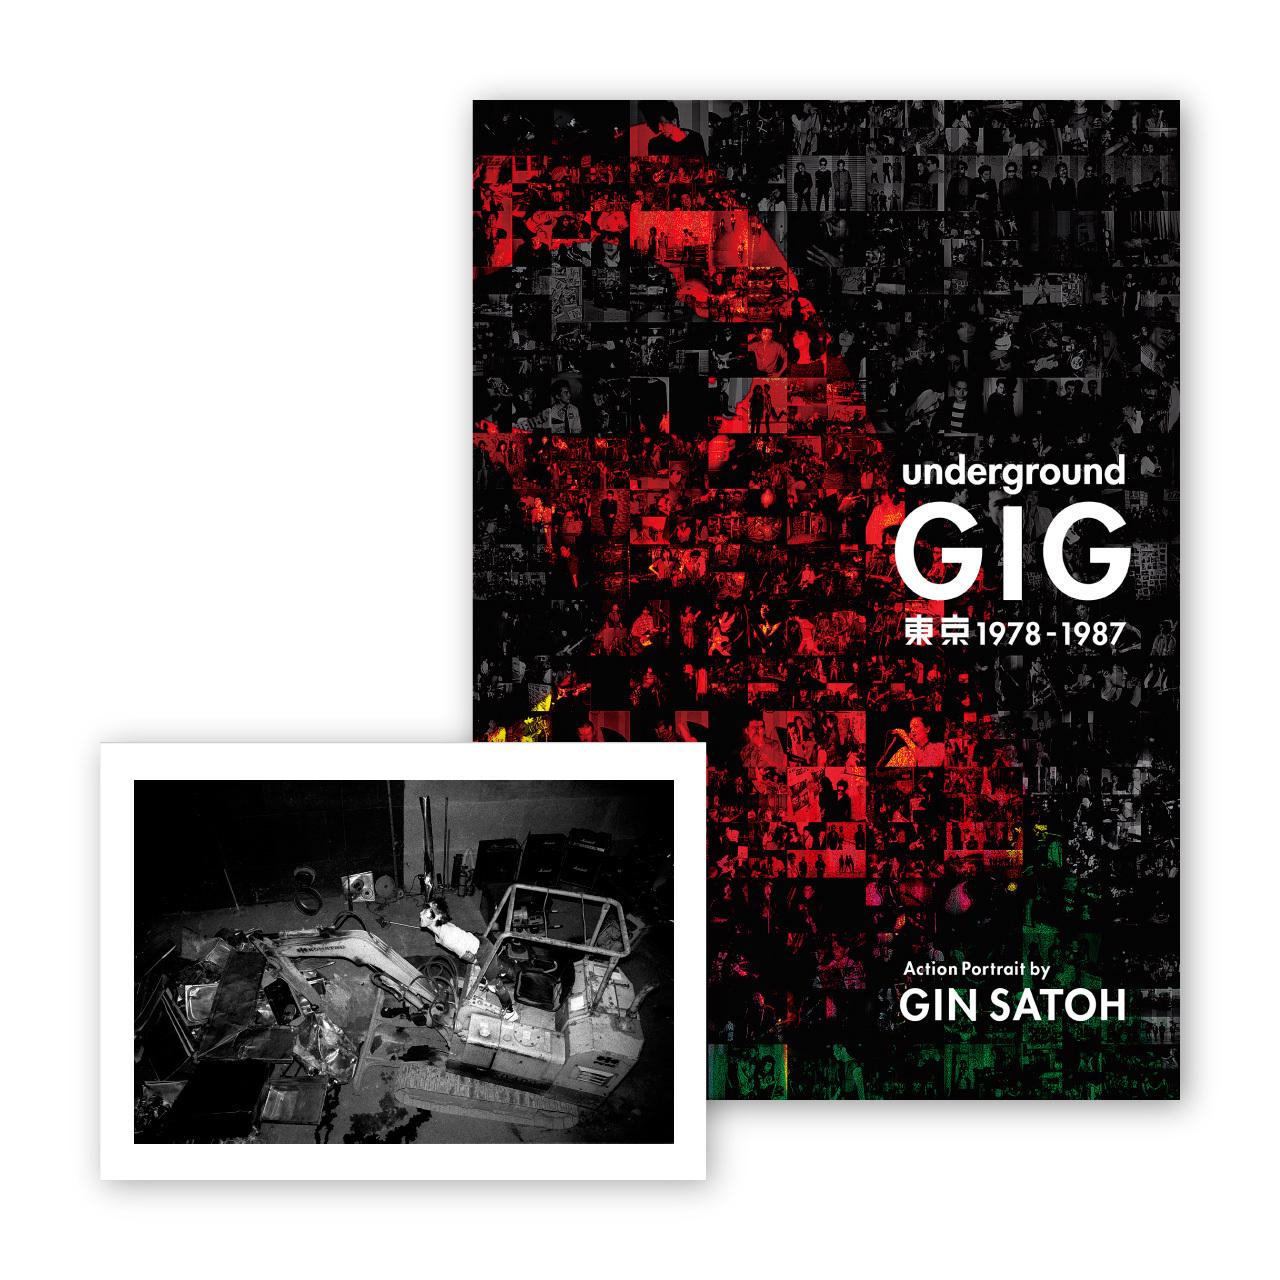 """Underground GIG Tokyo 1978 – 1987 Action Portrait by Gin SATOH w/ Original Print """"hanatarash 1985 #12"""""""